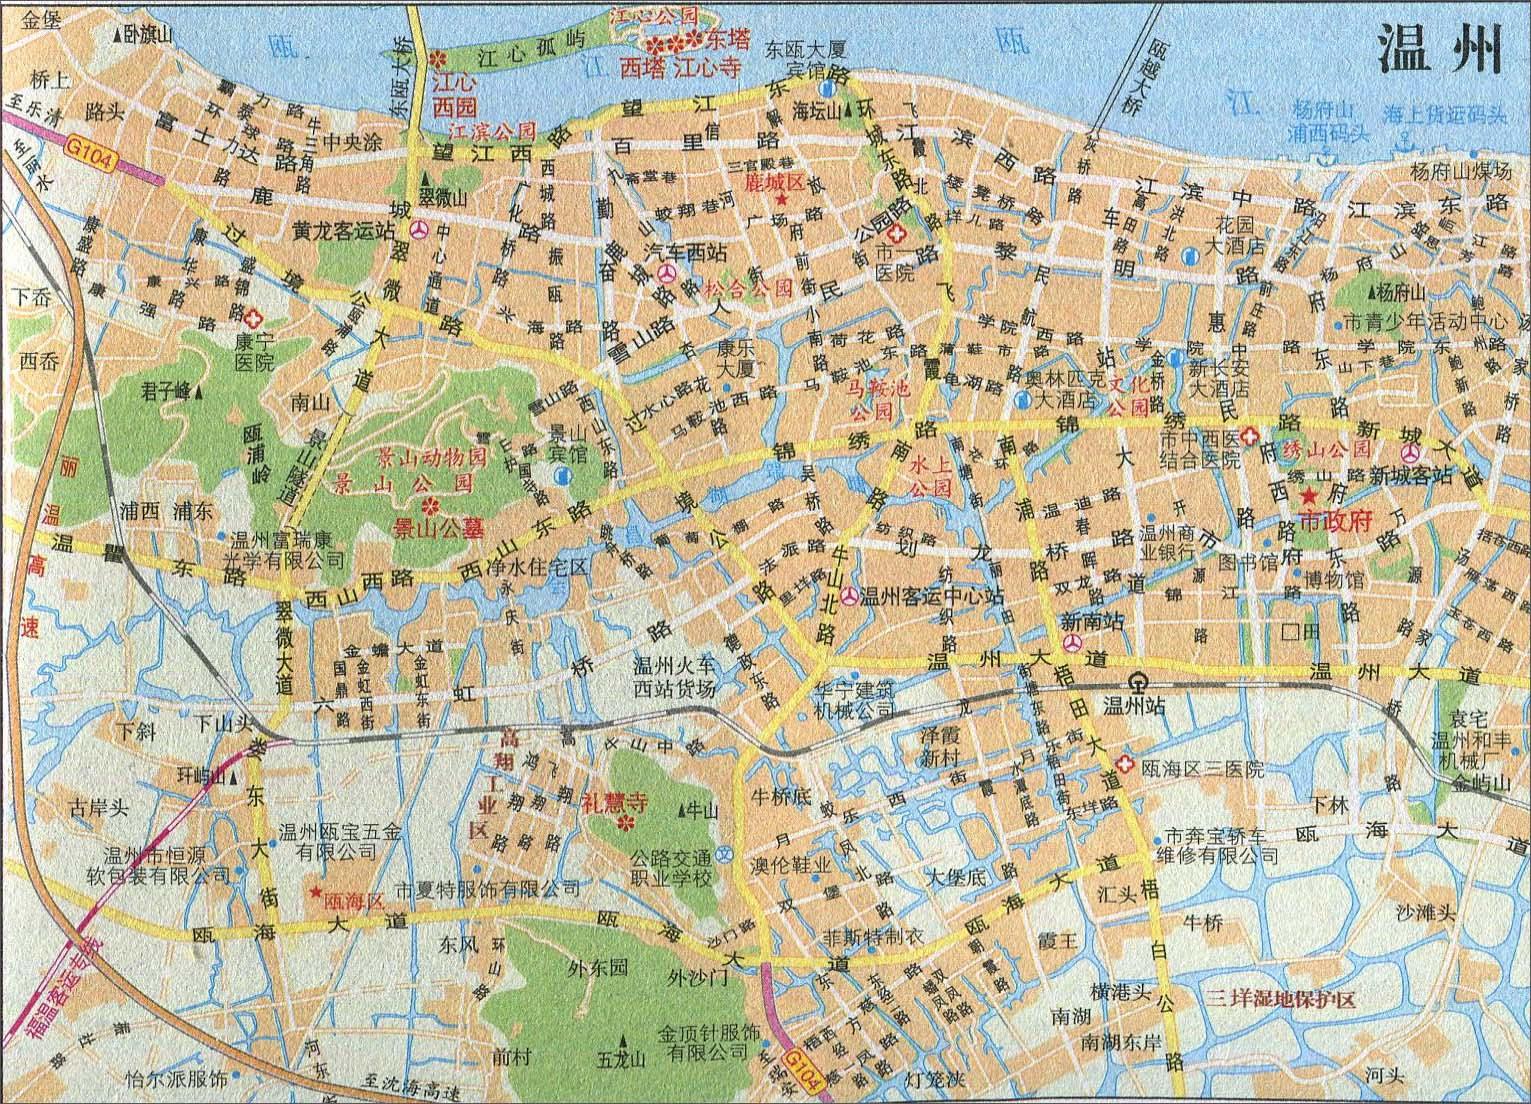 绍兴主要景点手绘地图